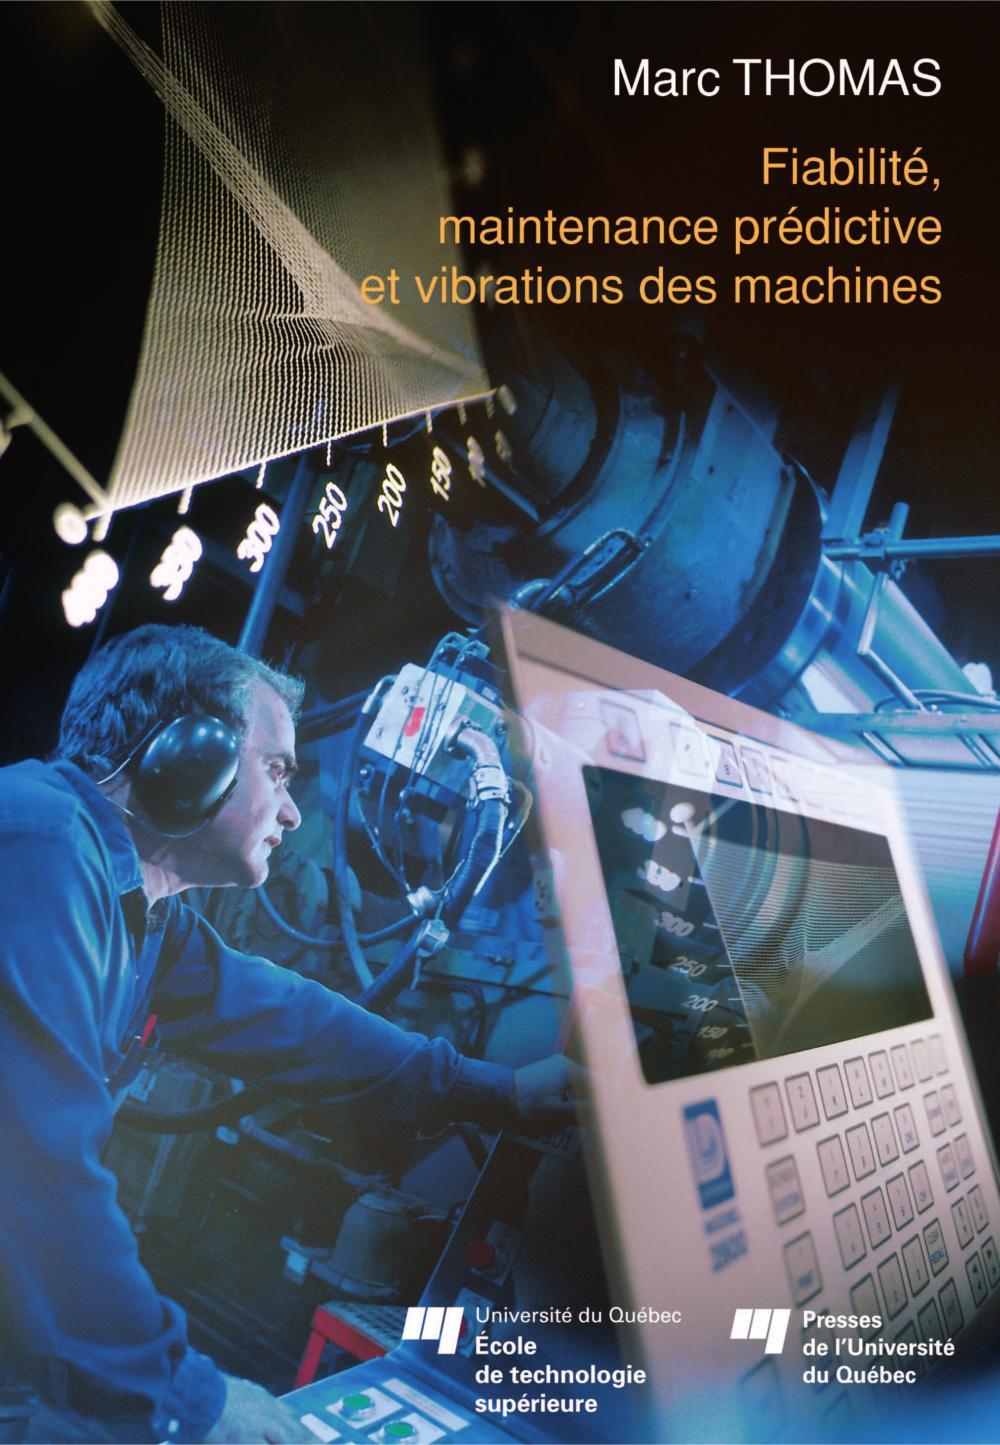 FIABILITE, MAINTENANCE PREDICTIVE ET VIBRATION DES MACHINES